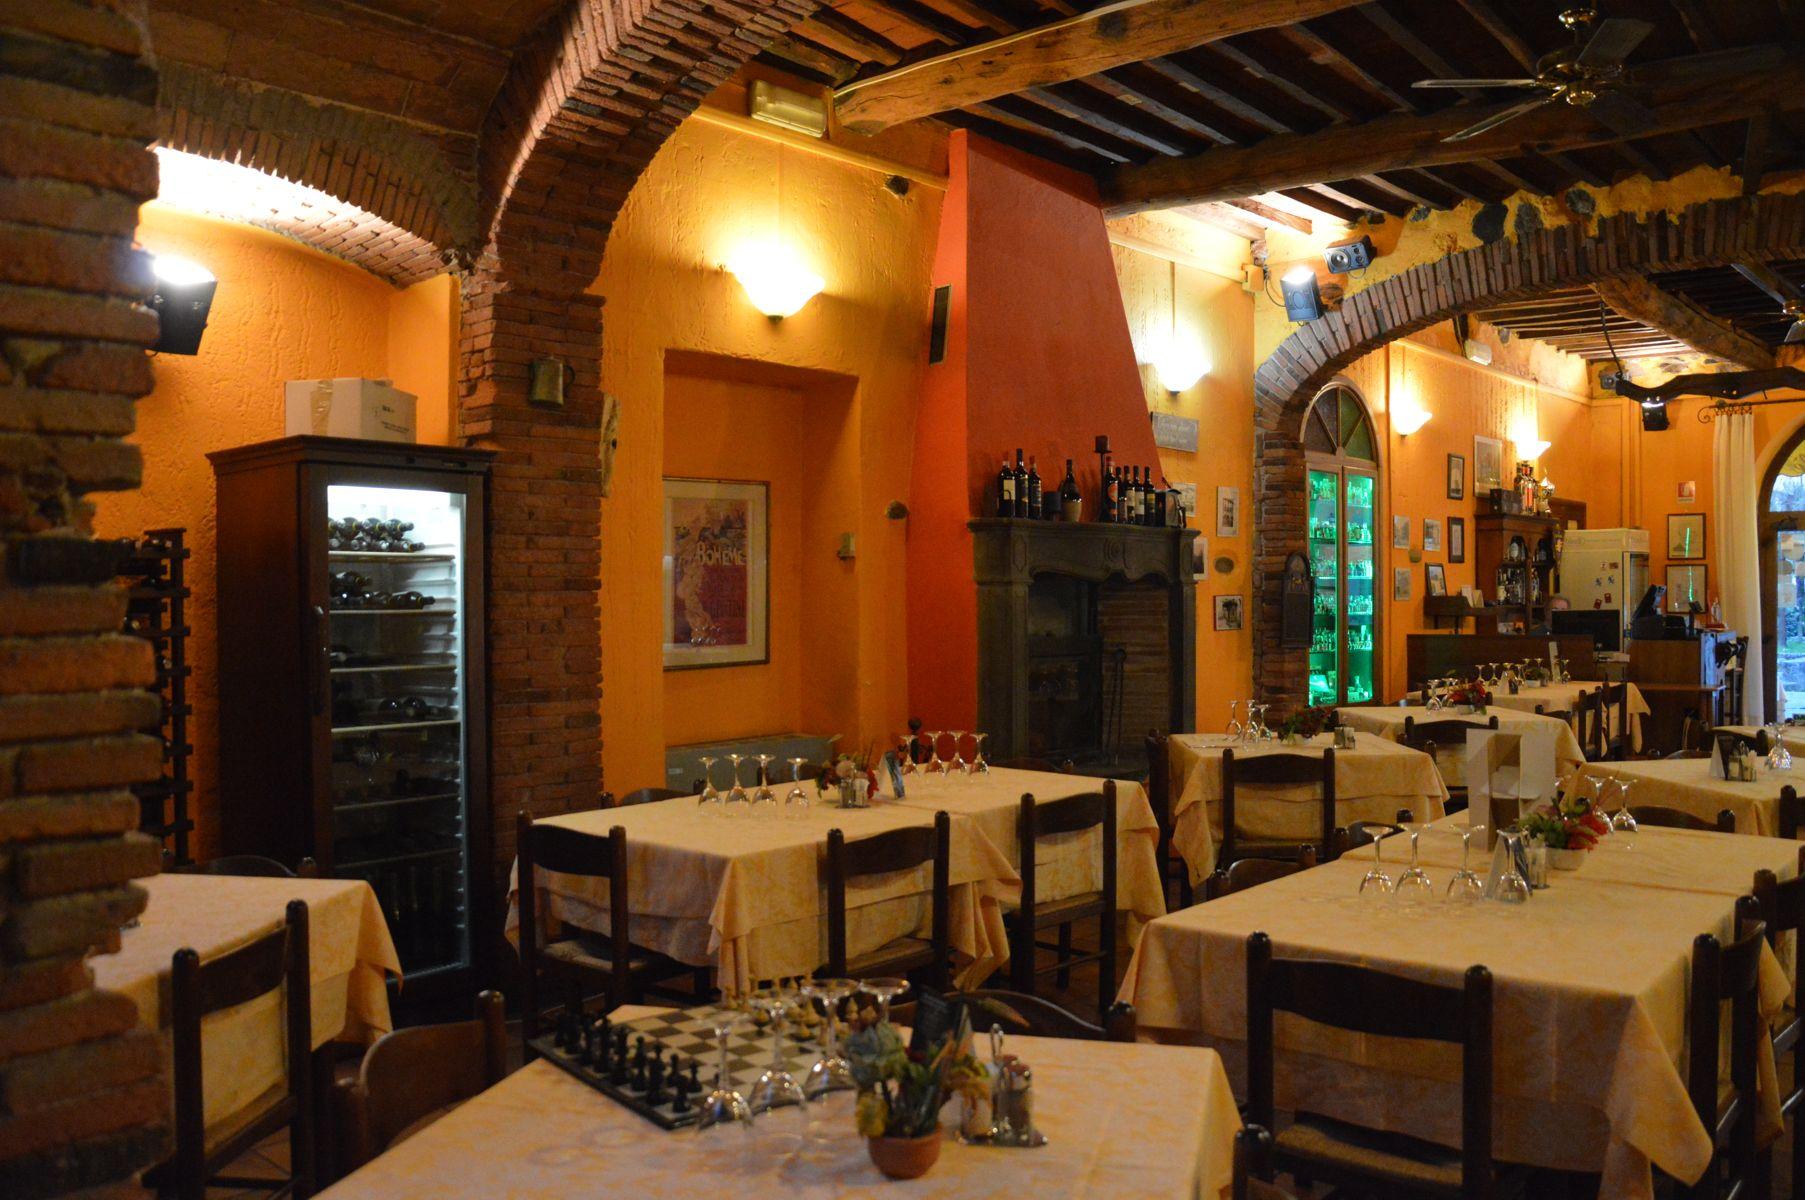 Ristorante del sonno ristorante cucina tipica bagni di lucca - Bagni di lucca ...